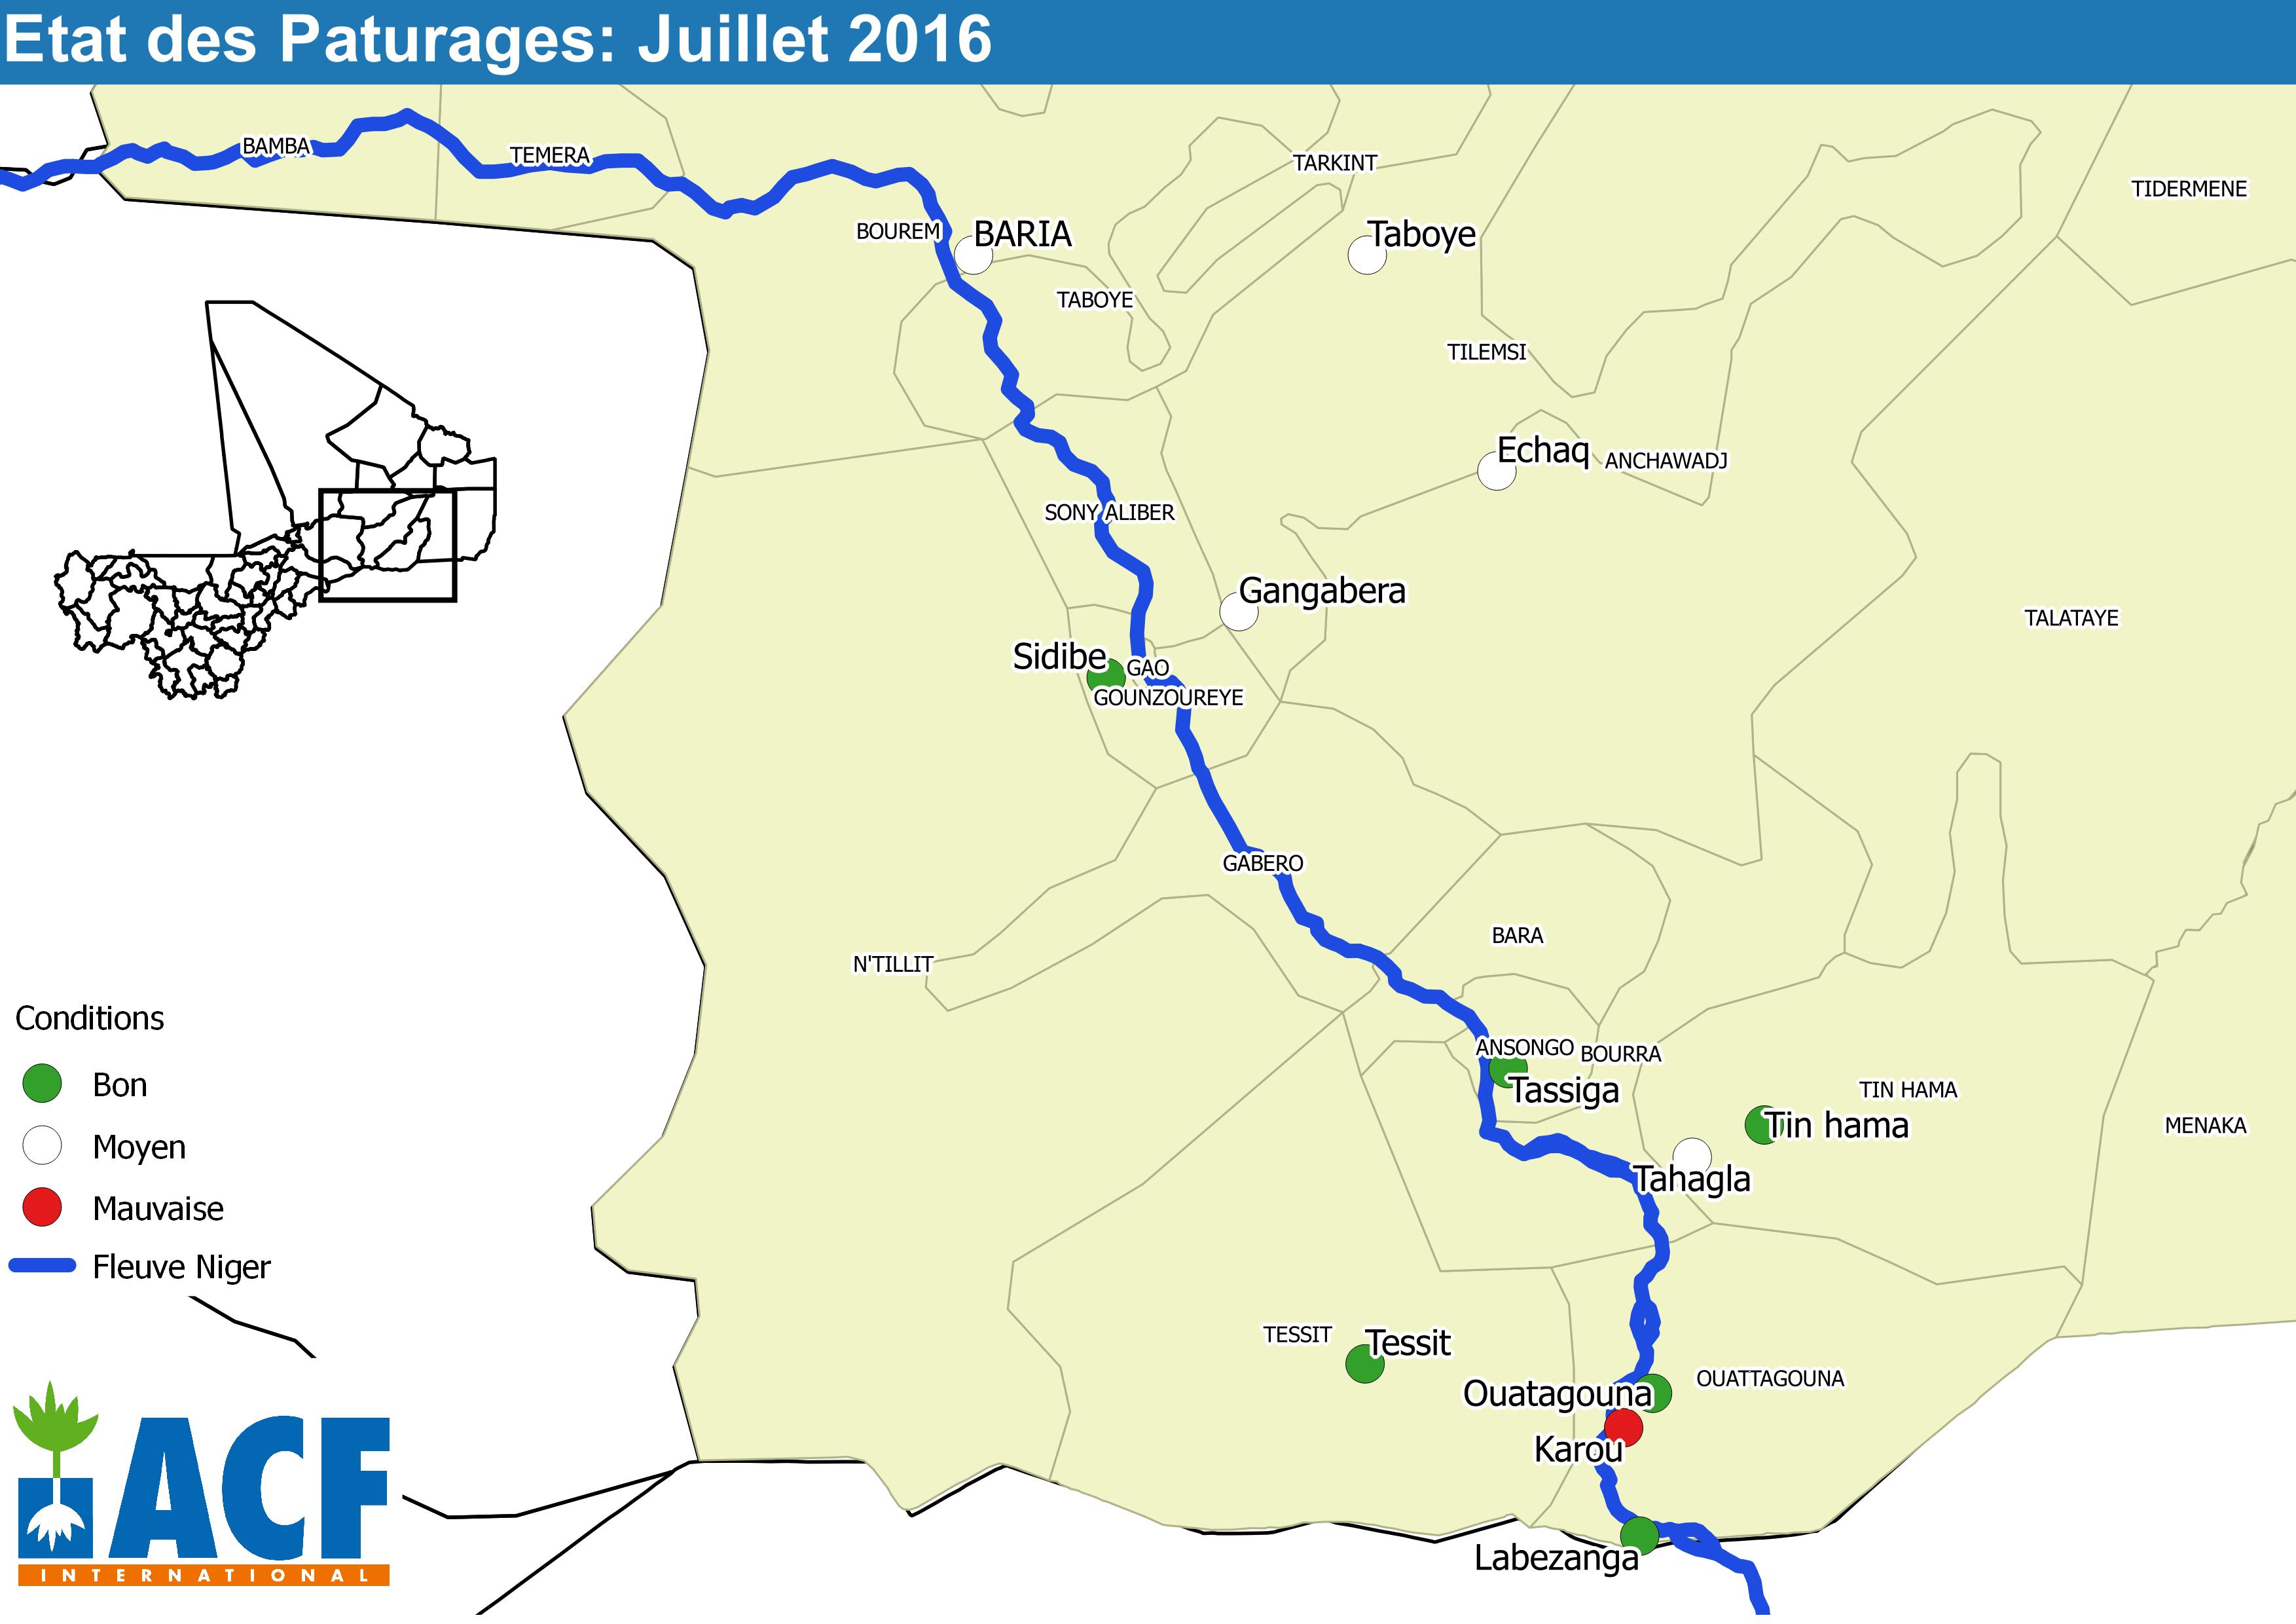 Juillet_paturages